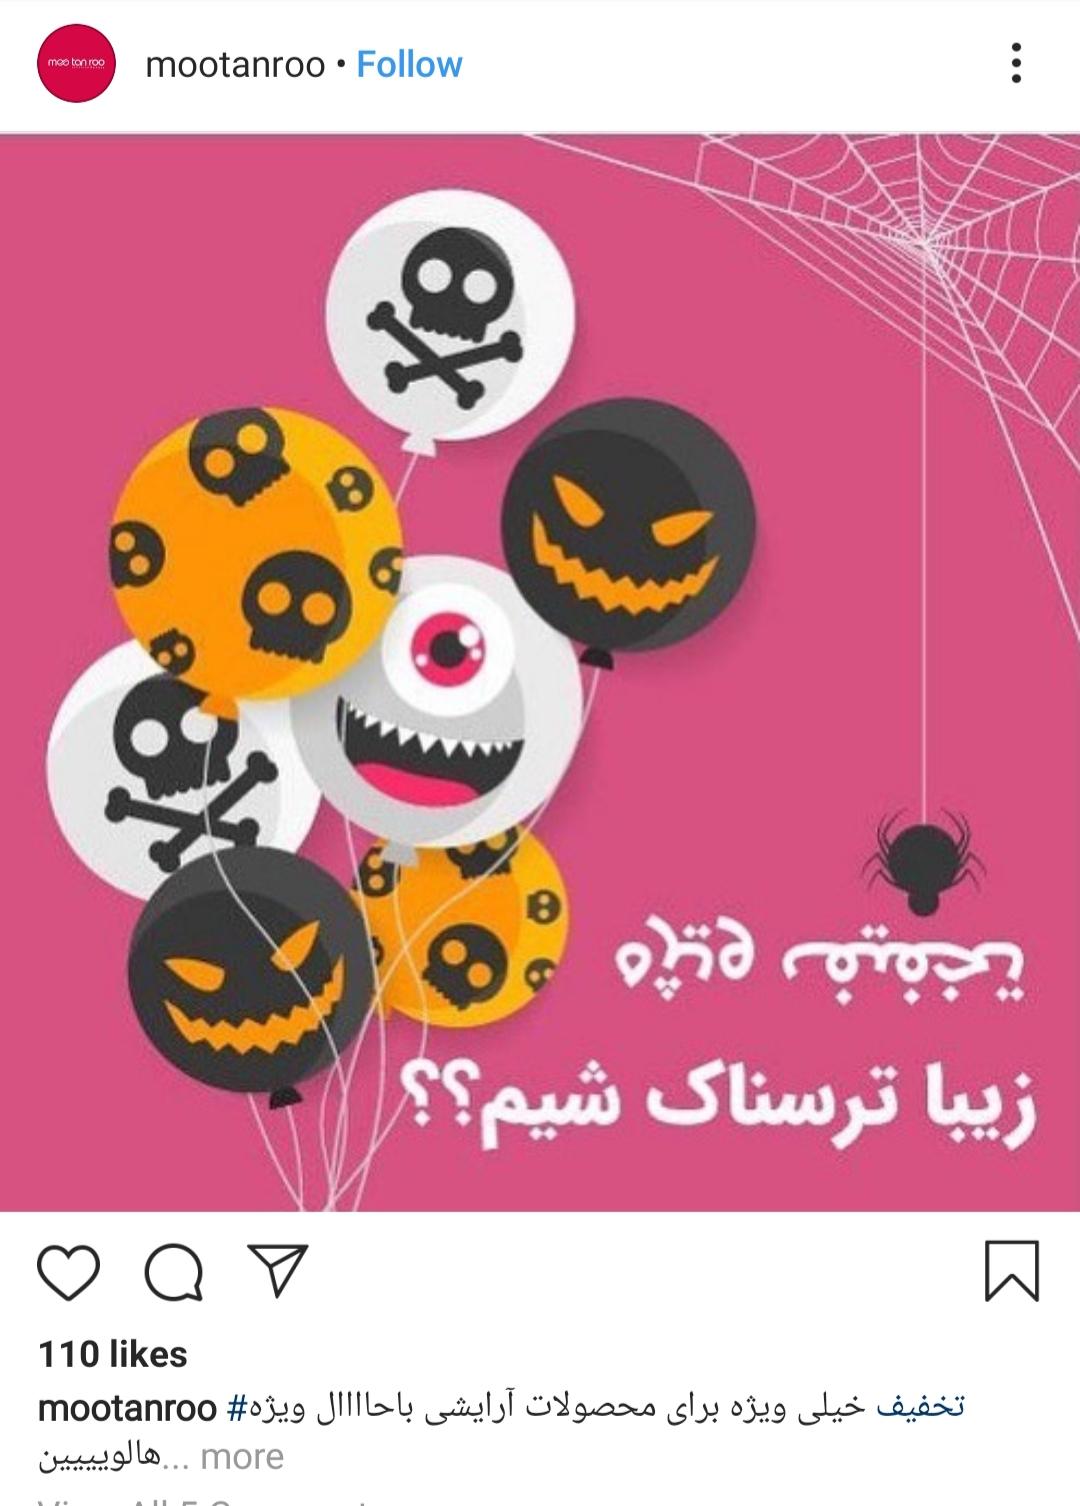 هالووین جشنی با ریشههای سنتی یا شیطان پرستی؟ / از تور ویژه تا لباسها و گریمهای عجیب هالووین در ایران +تصاویر